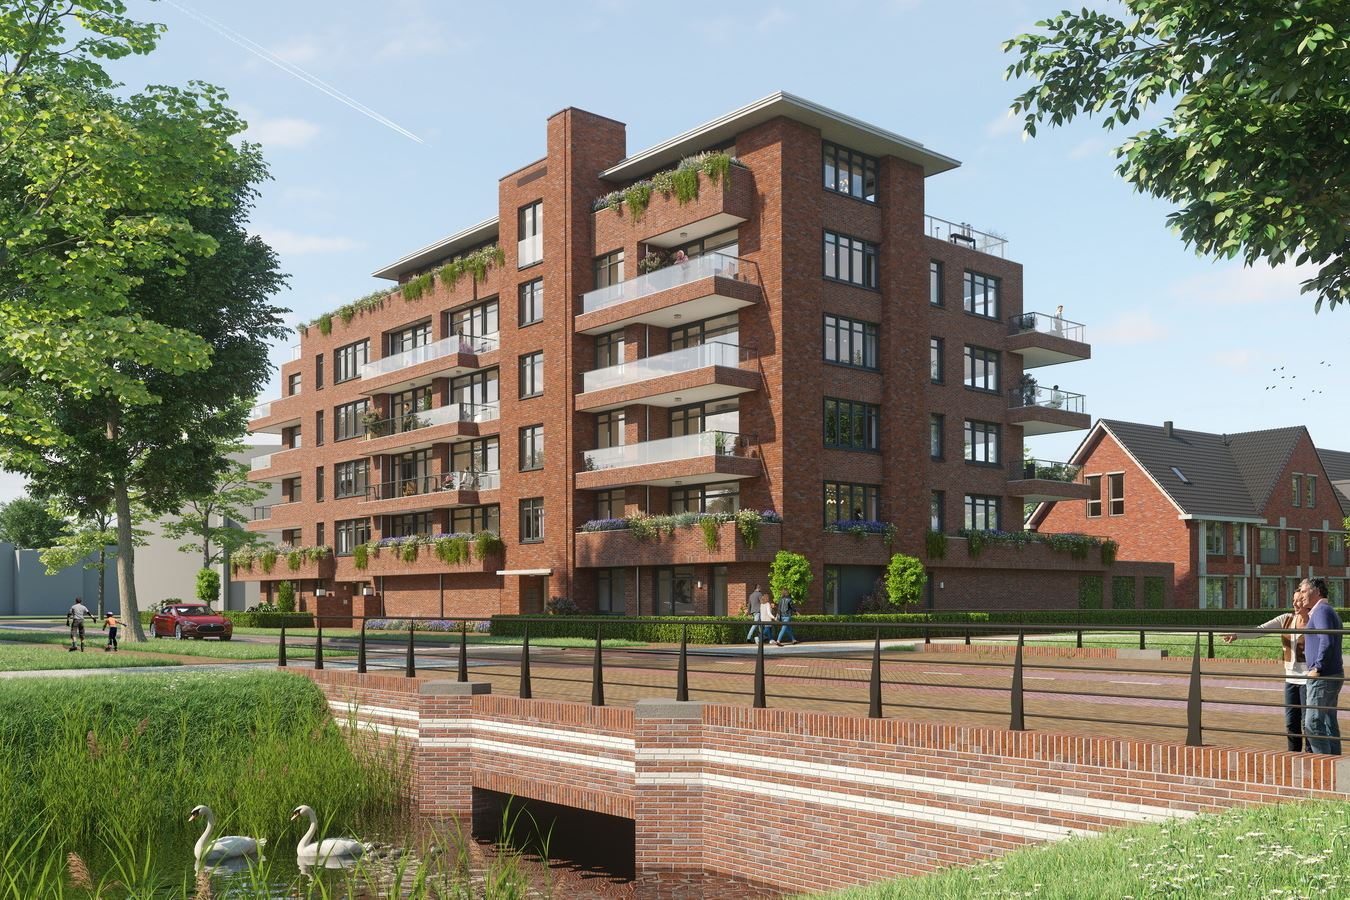 Bekijk foto 4 van Quatrebras Park Quartier II - appartementen (Bouwnr. 23)